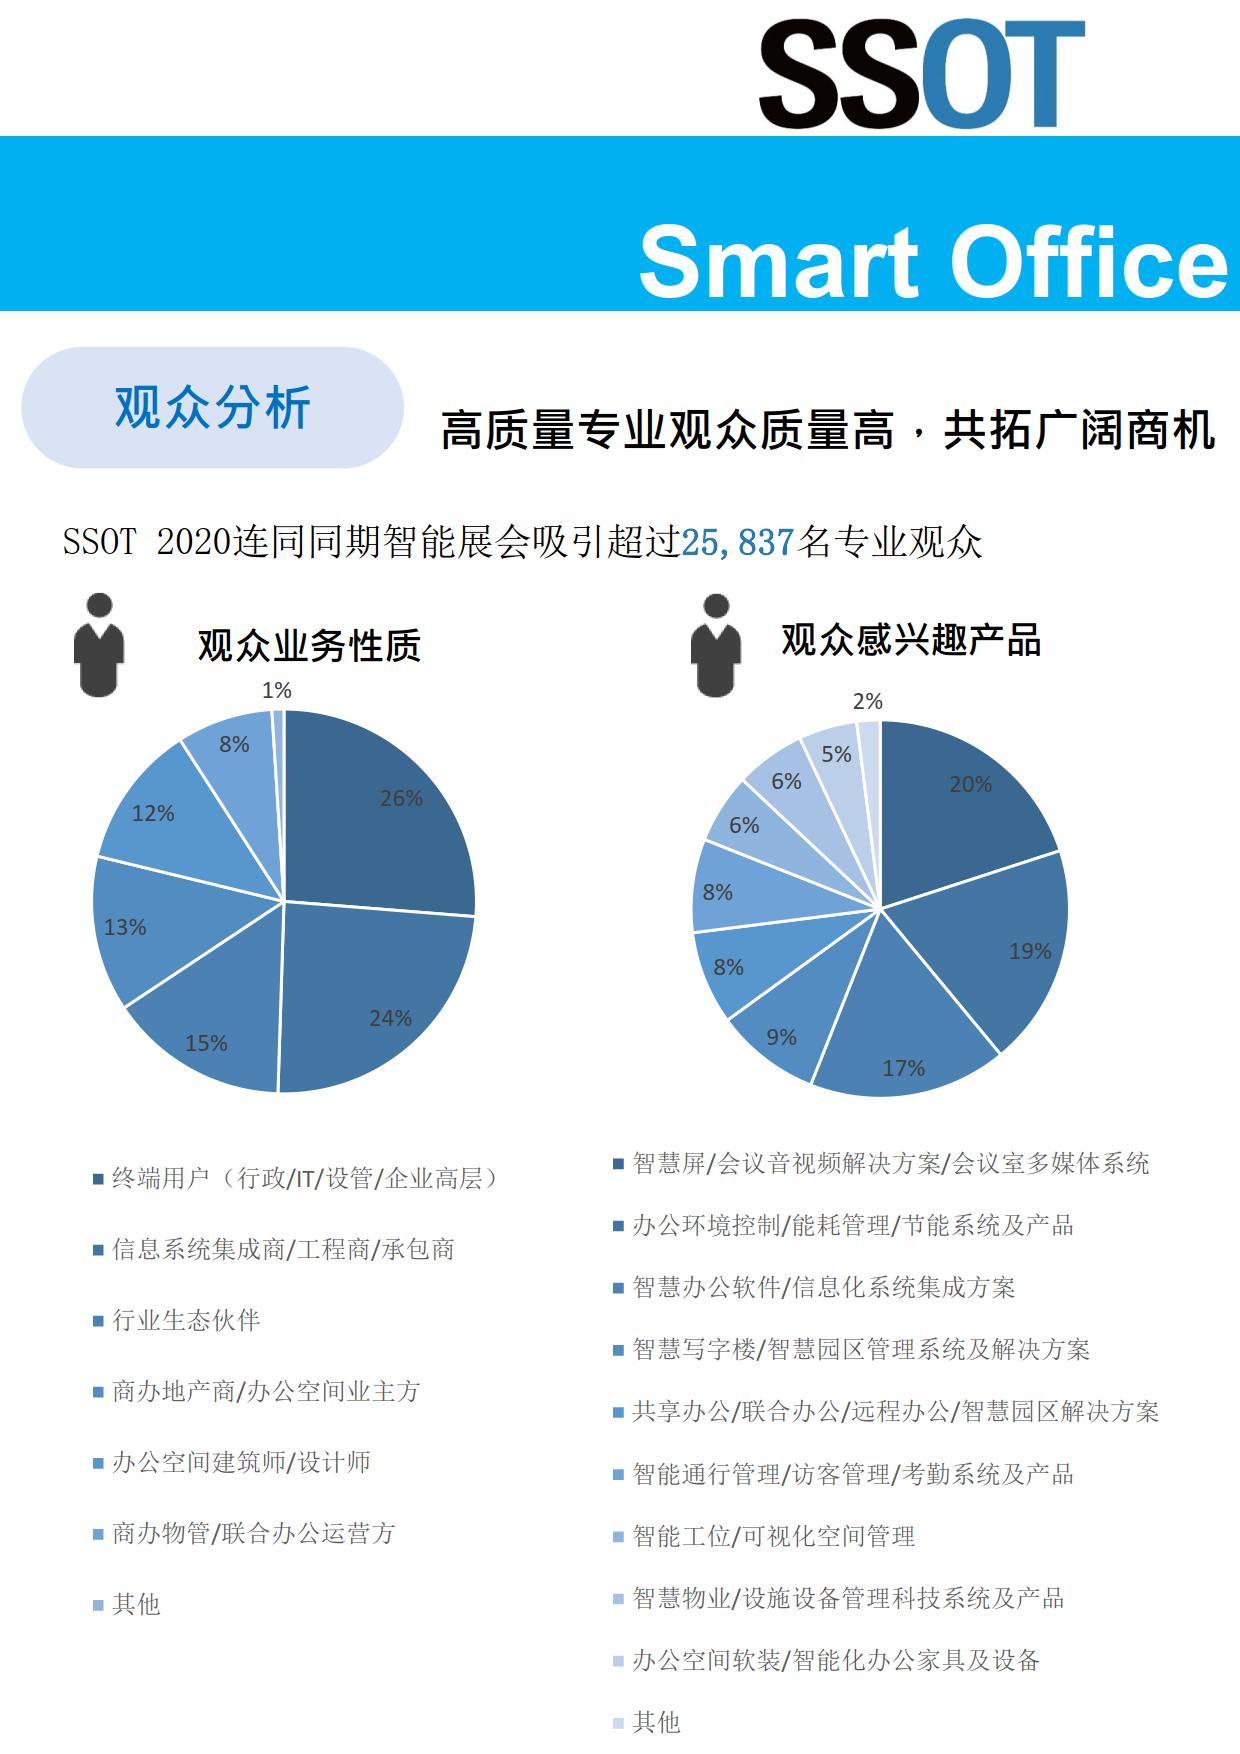 上海國際智慧辦公展覽會SSOT